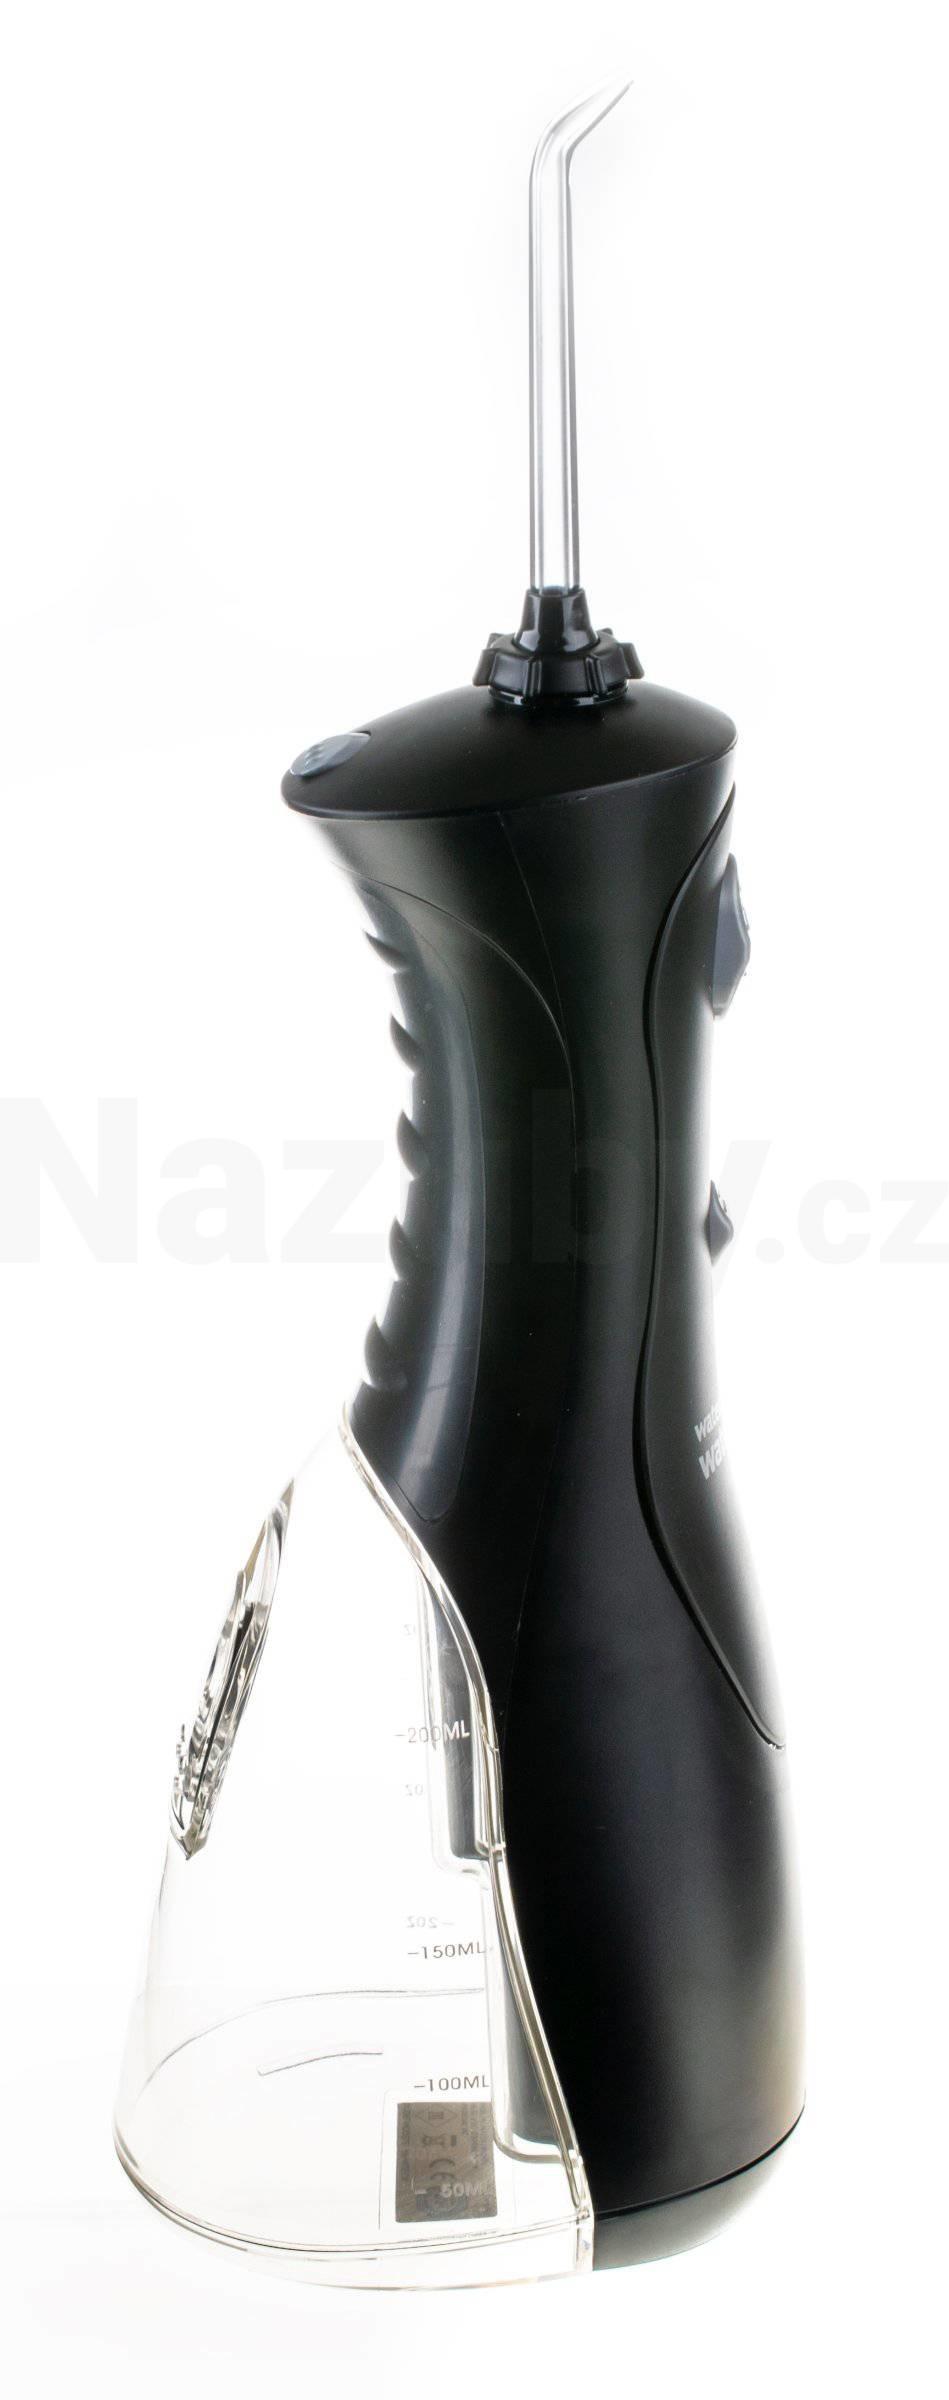 Waterpik Irigátor Cordless Plus WP462 Black - akce 100 dní na vrácení zboží